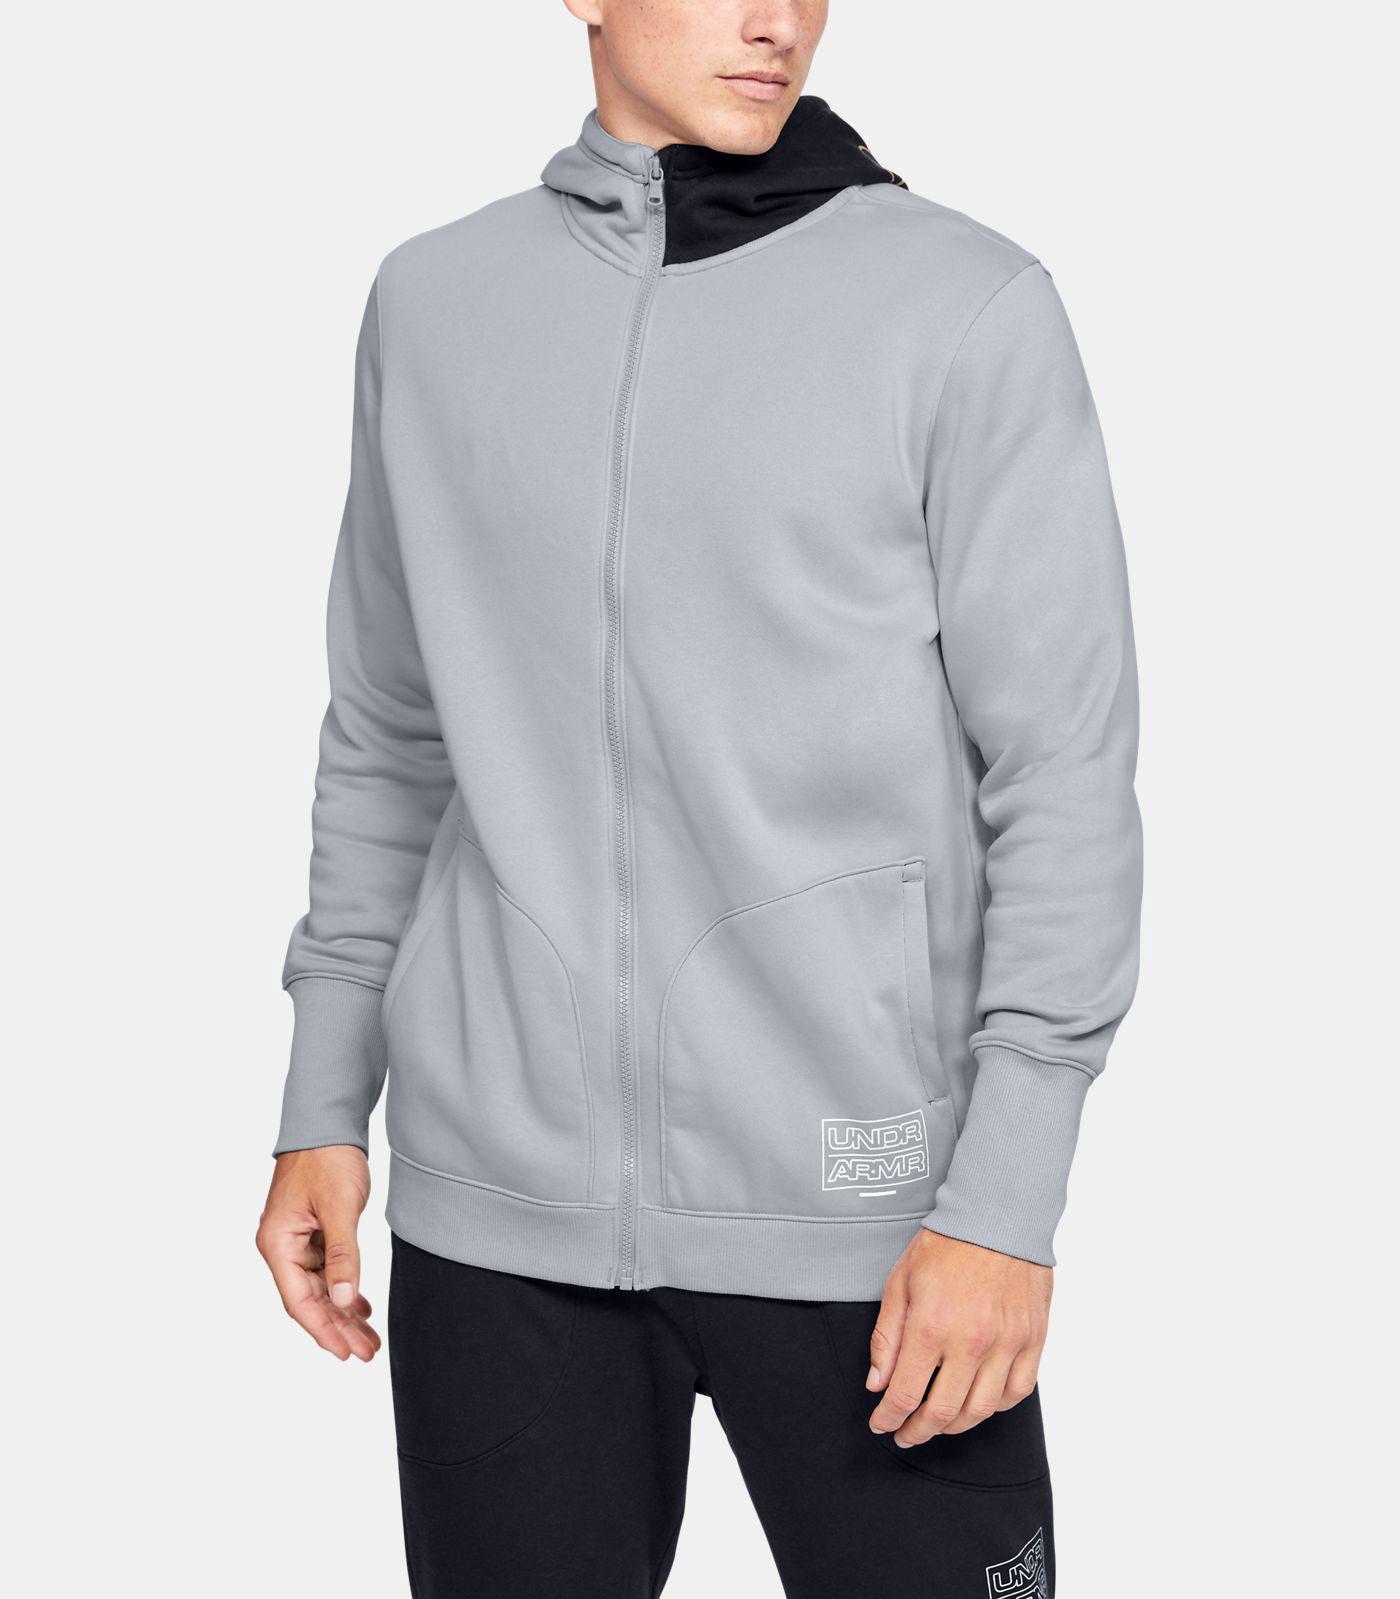 curry-7-hoodie-black-grey-1